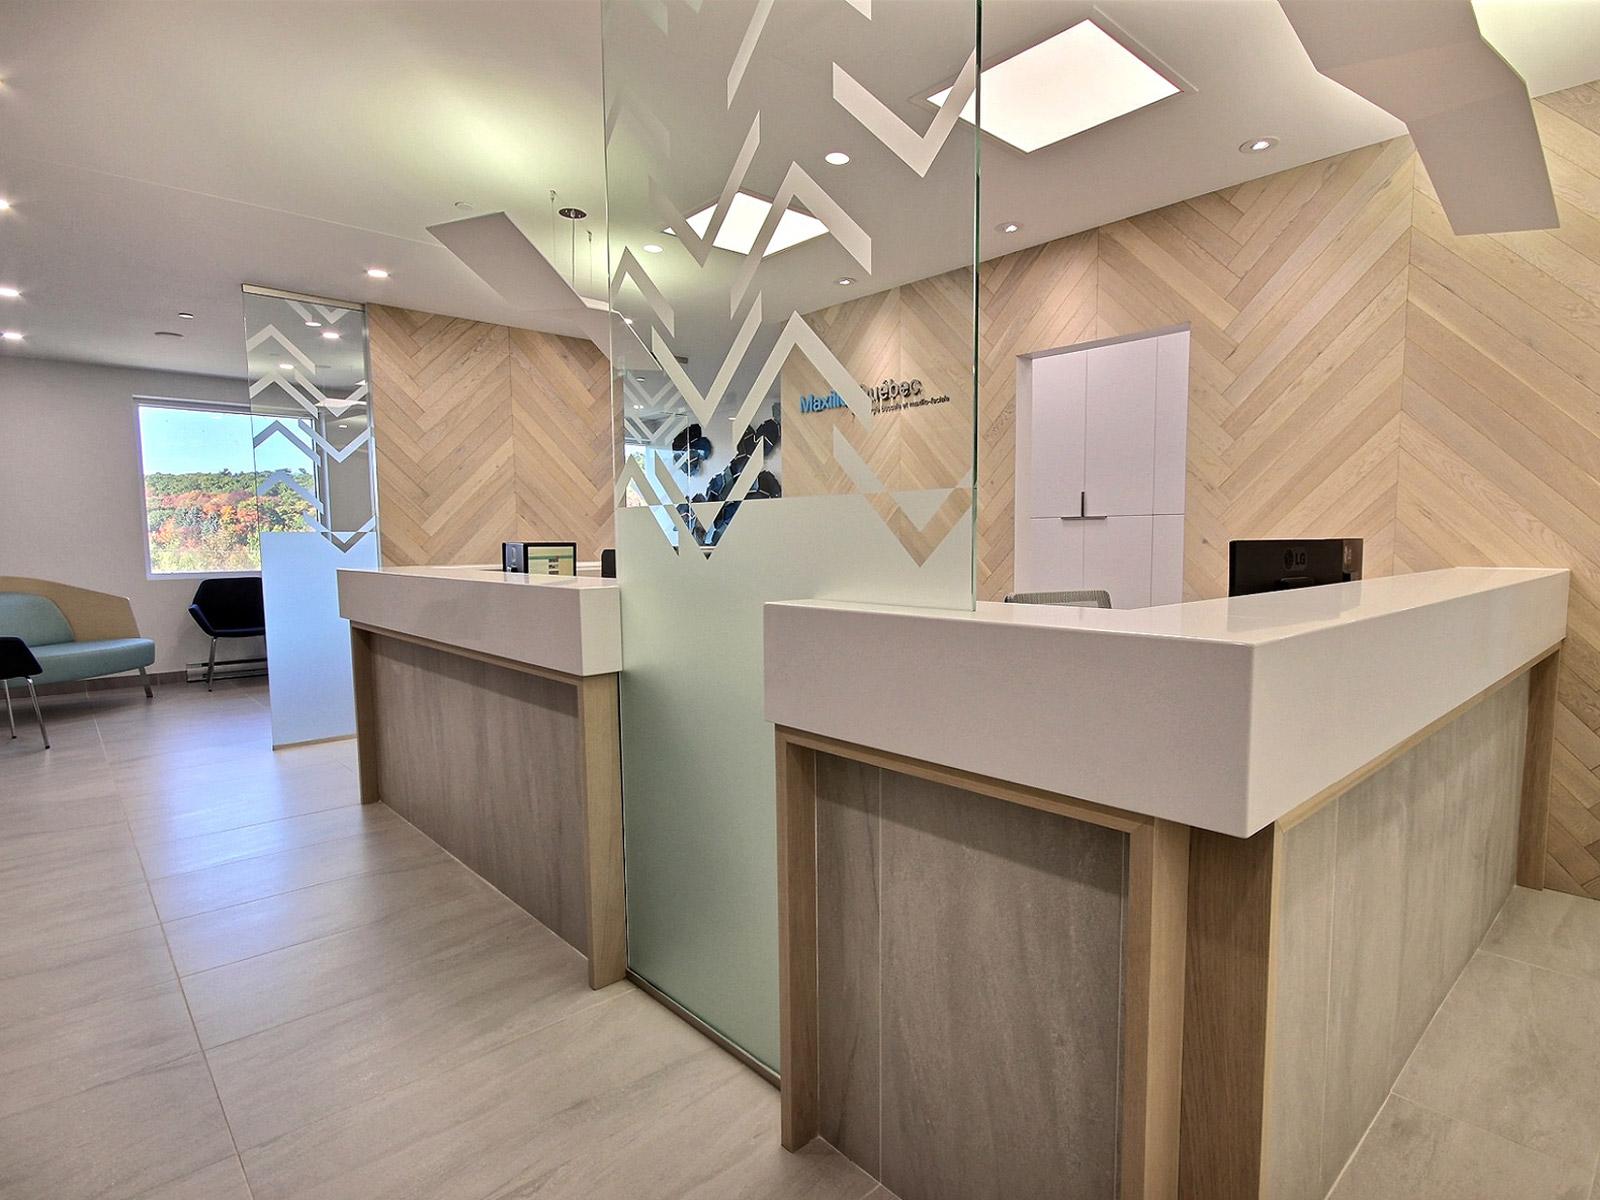 Design intérieur clinique dentaire lévis